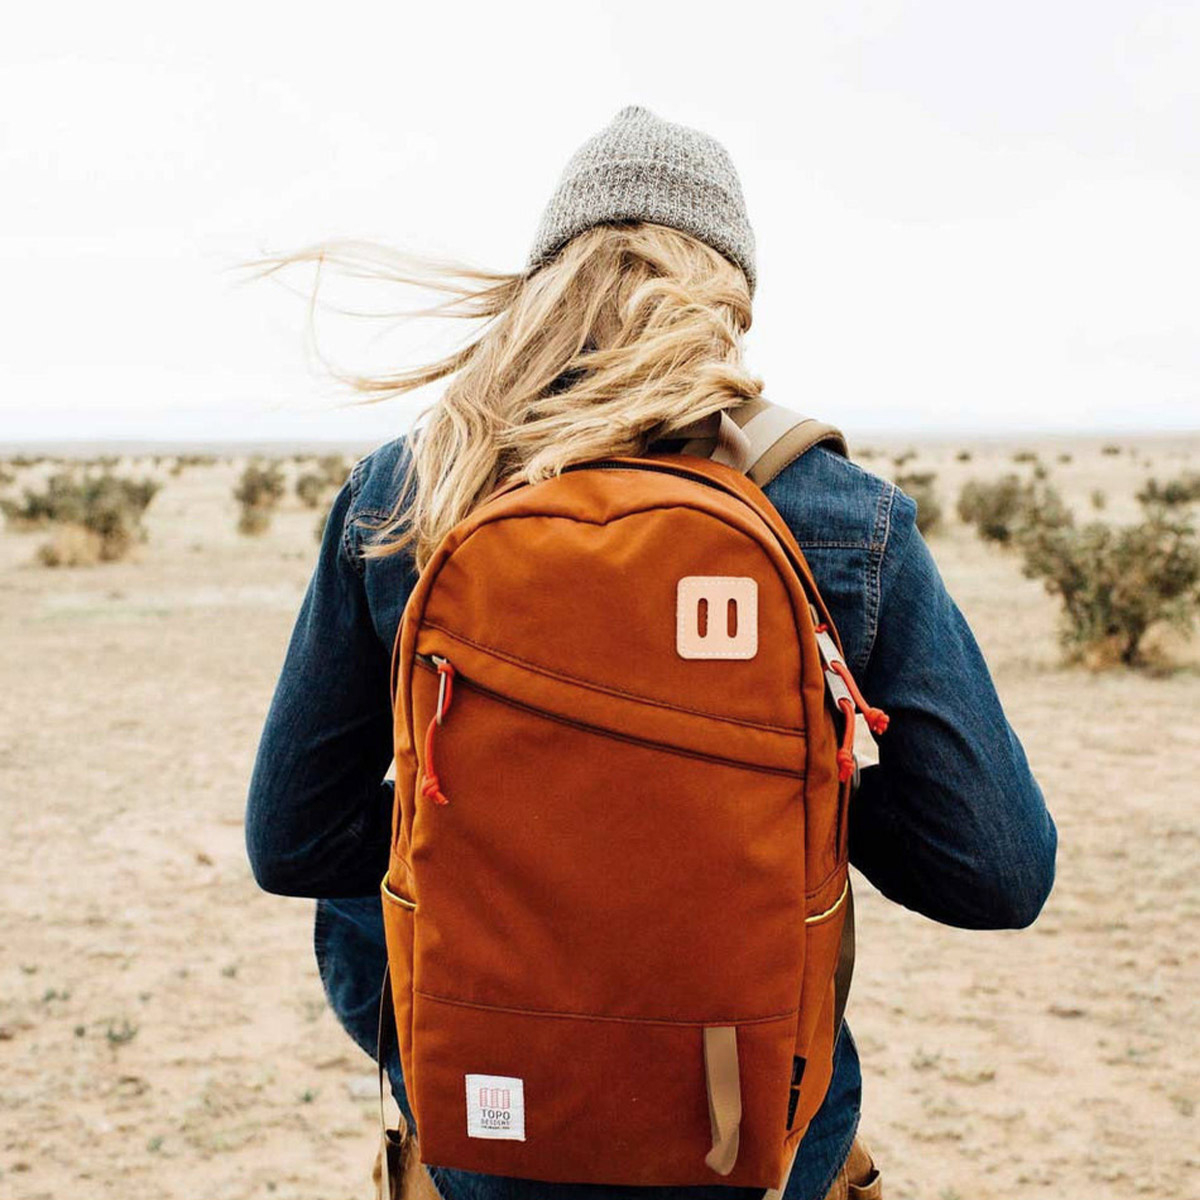 Topo Designs Daypack backpack Clay, Idealer Reiserucksack für Reise, Stadt, Arbeit oder Schule.